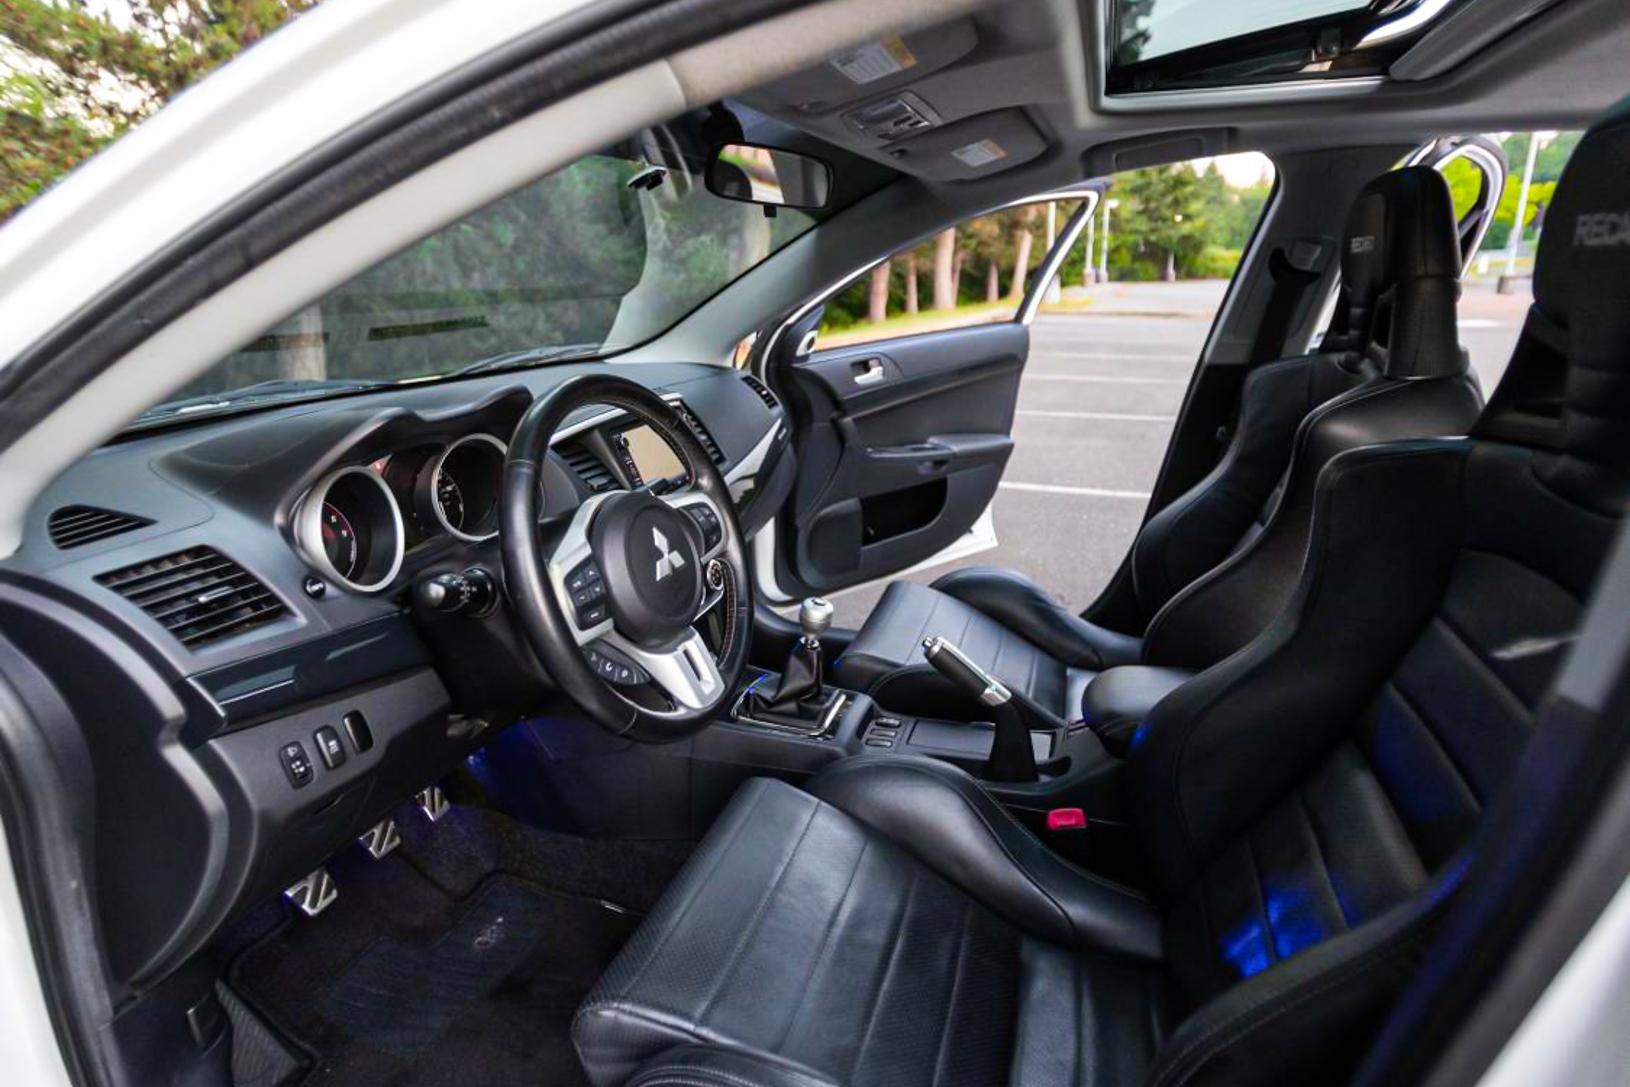 2014 Mitsubishi Evo